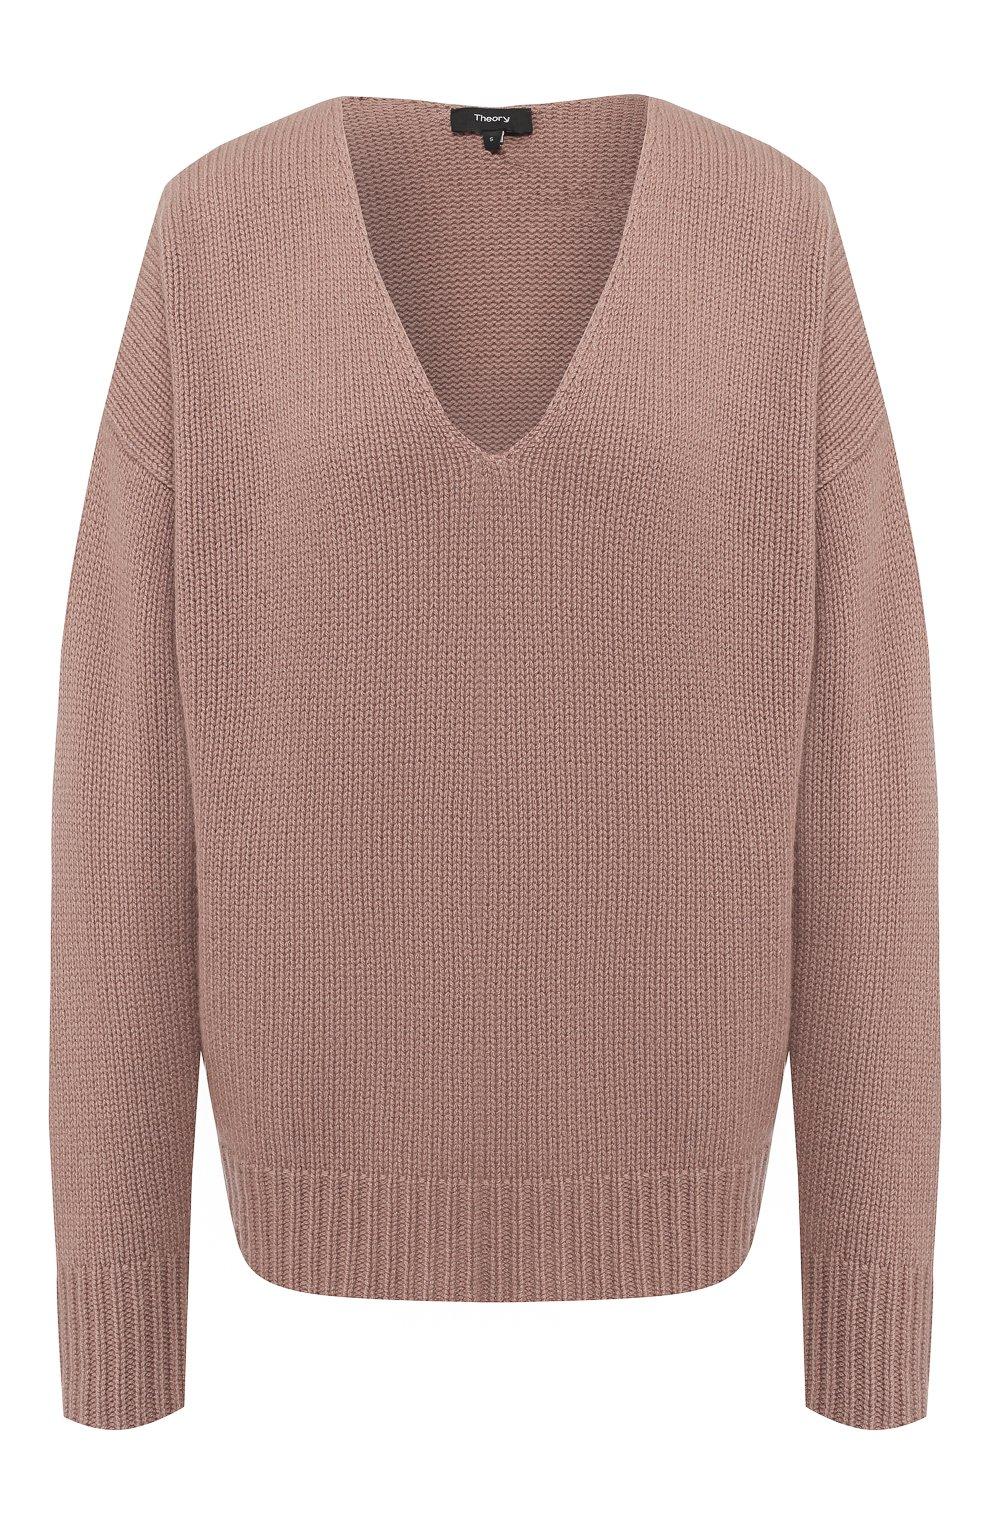 0414a588ea59 Кашемировый пуловер с V-образным вырезом